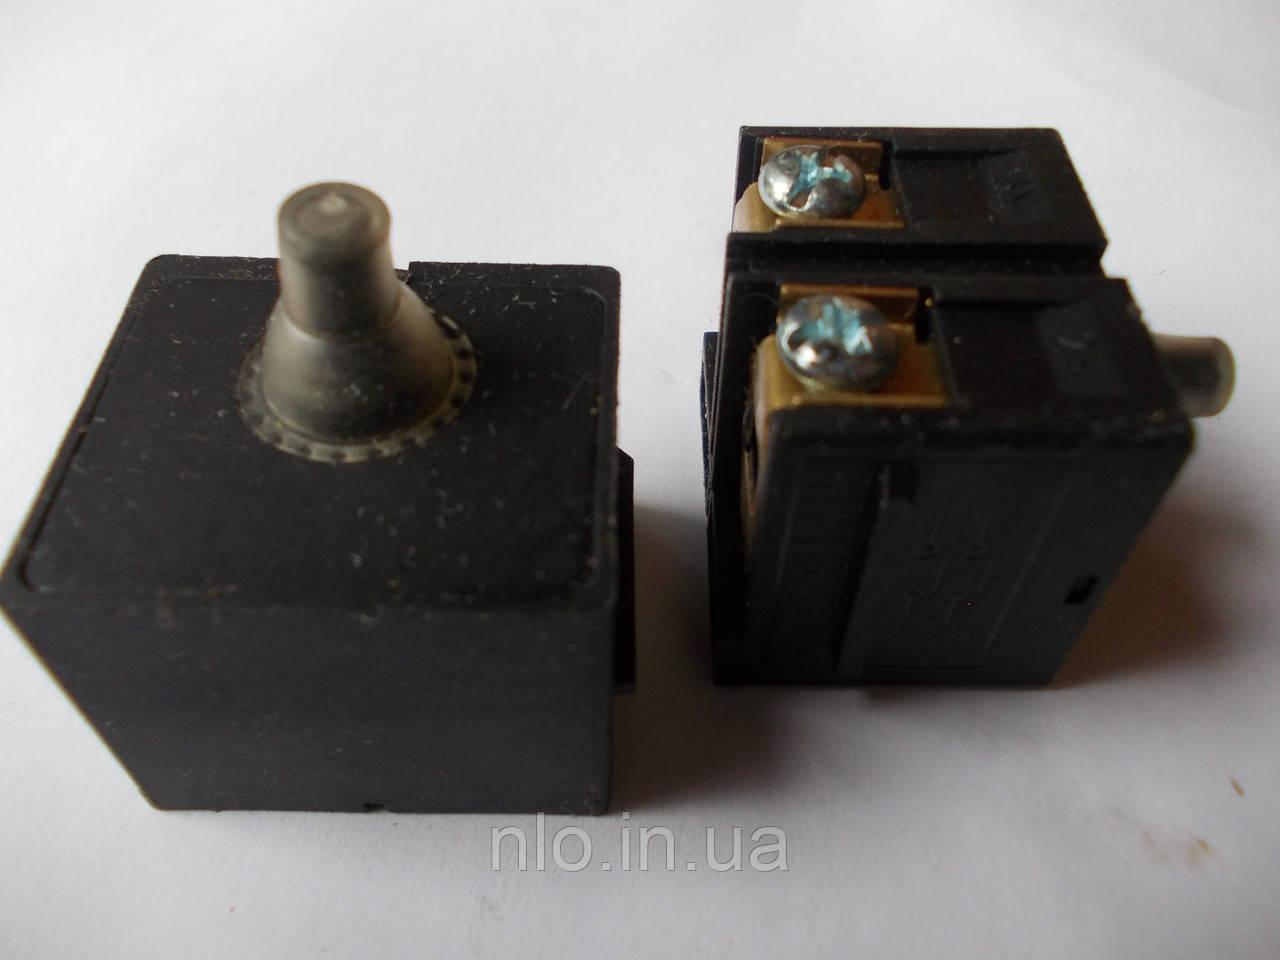 Кнопка болгарки 150 S